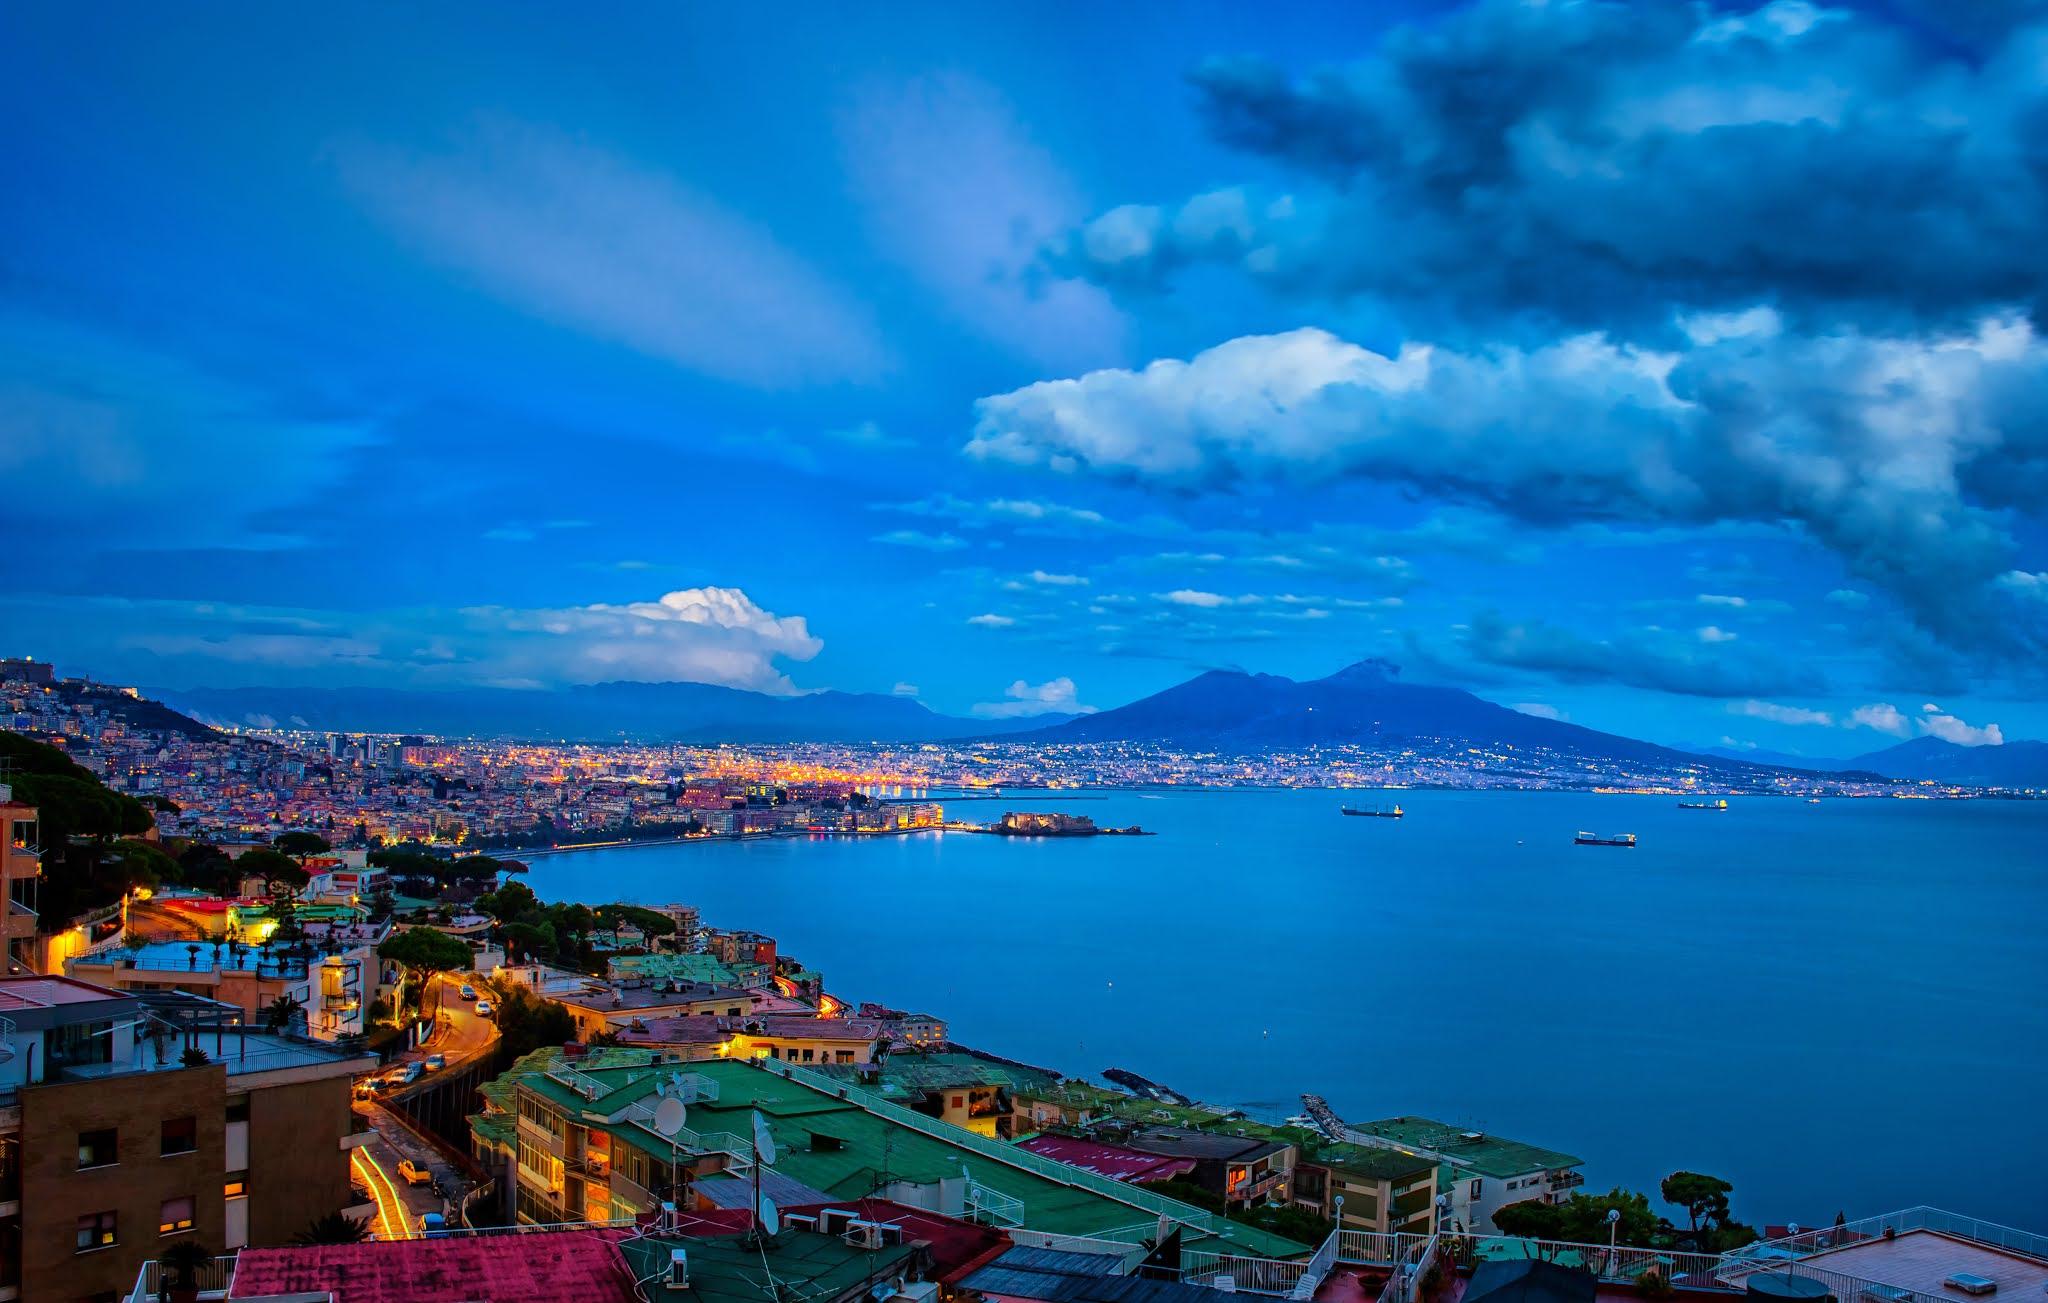 رحلات مباشرة من شرم الشيخ إلى إيطاليا